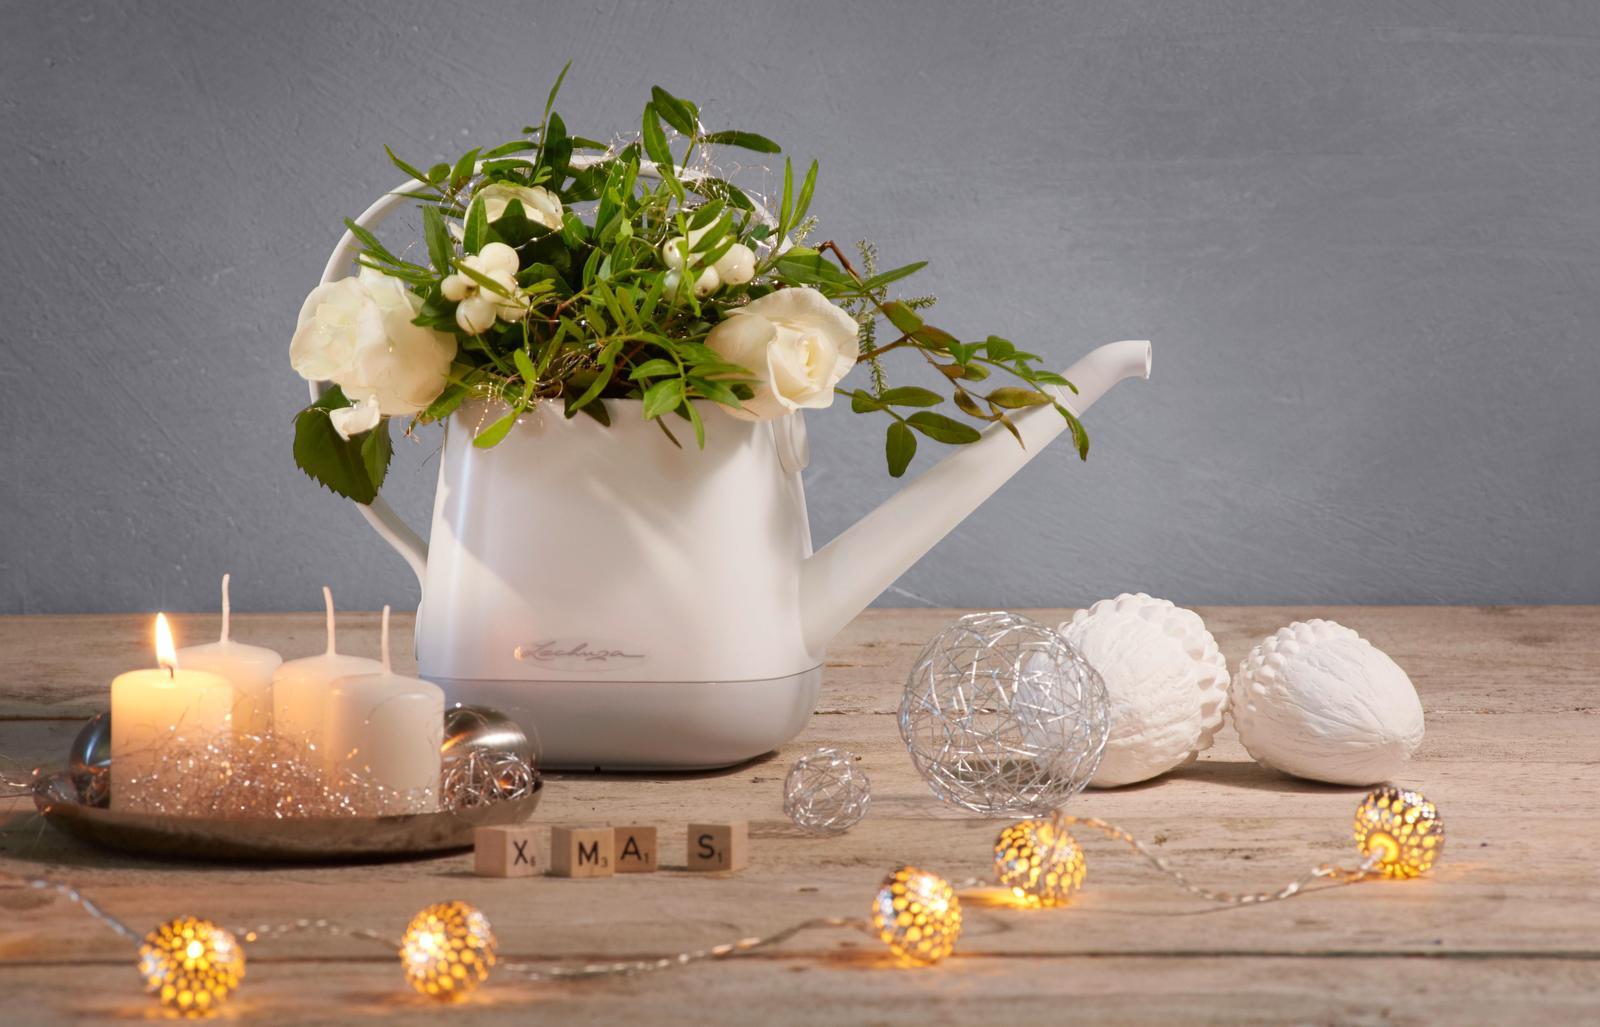 Pripravujeme nový kvetináč Yula | LECHUZA - konvička 22 x 30 x 14 cm | 9,99 €